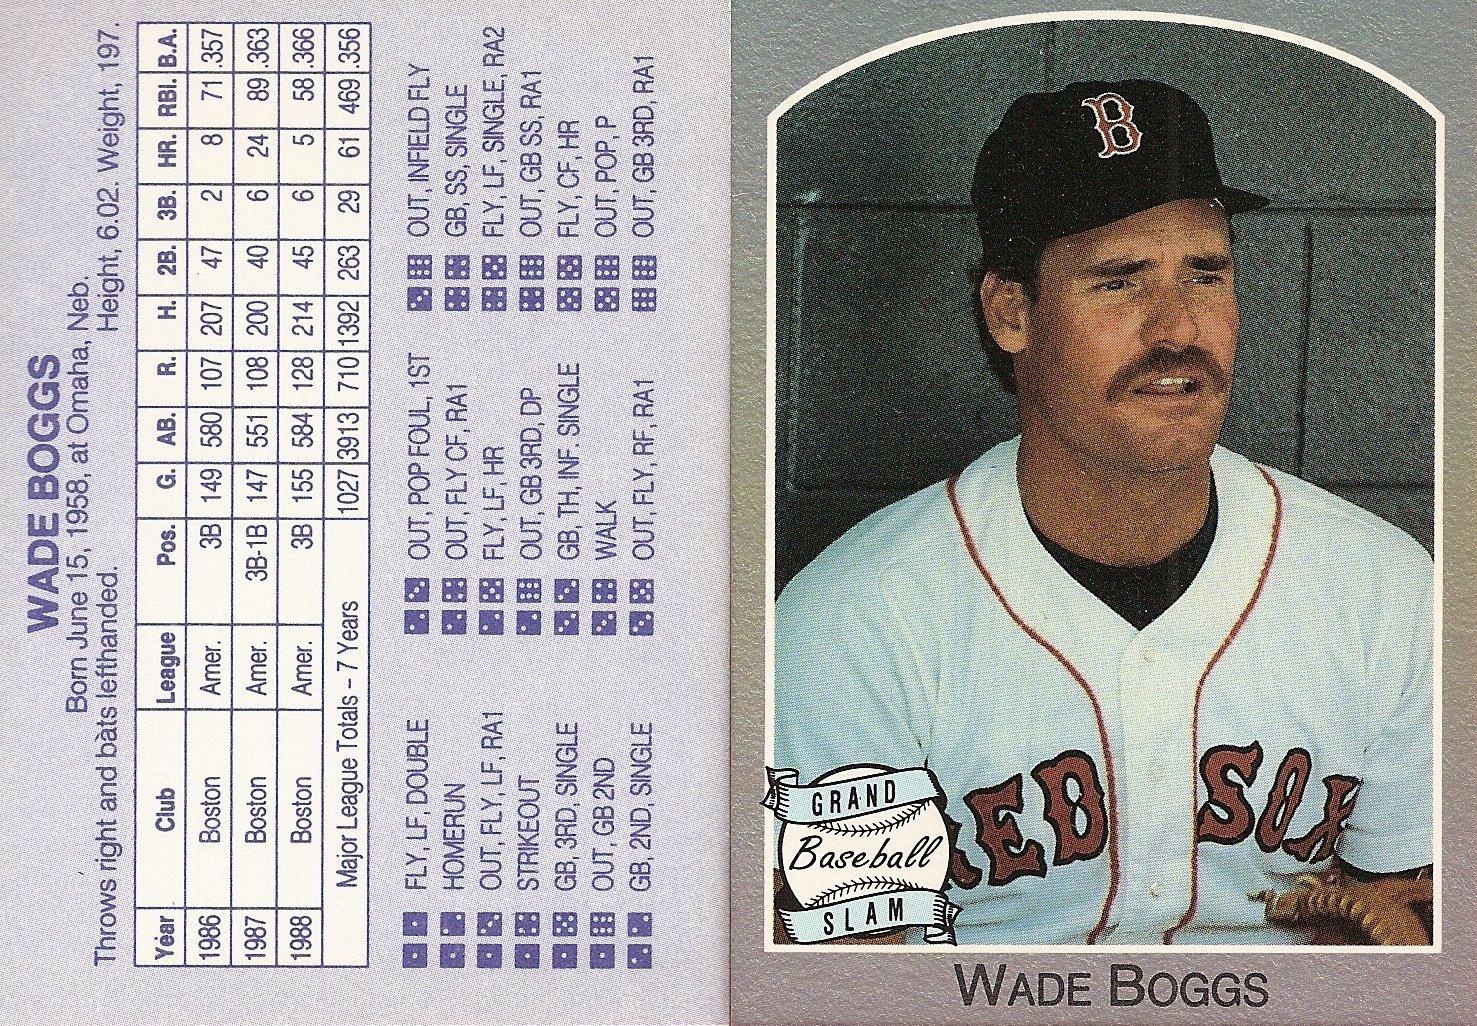 1989 Grand Slam Baseball Game (gray border)